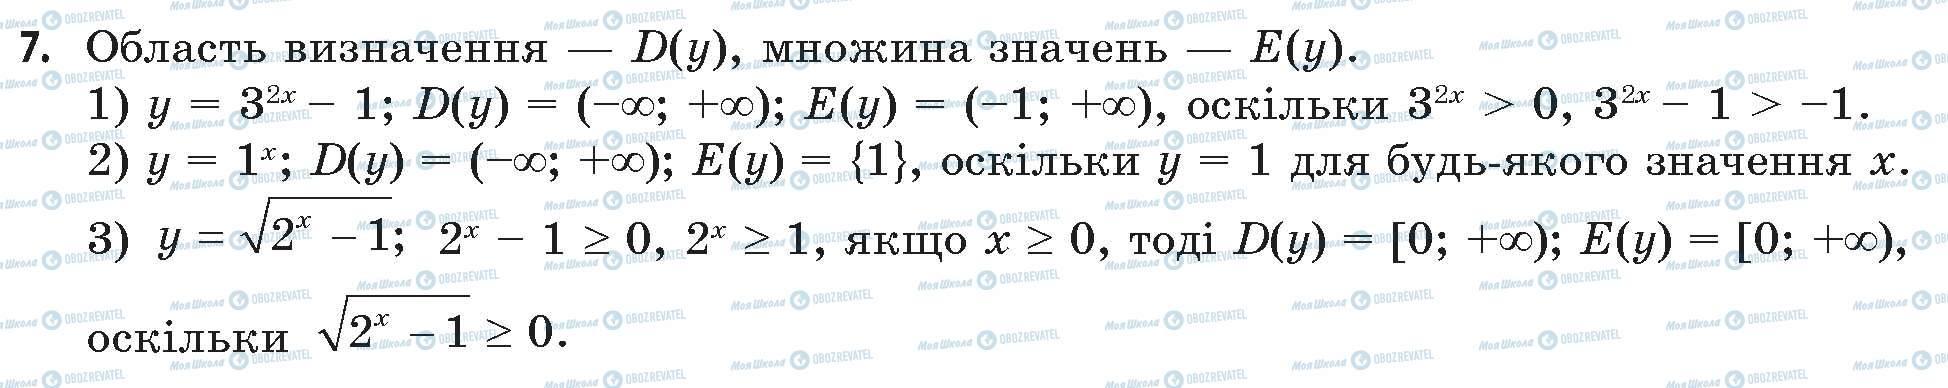 ГДЗ Математика 11 класс страница 7